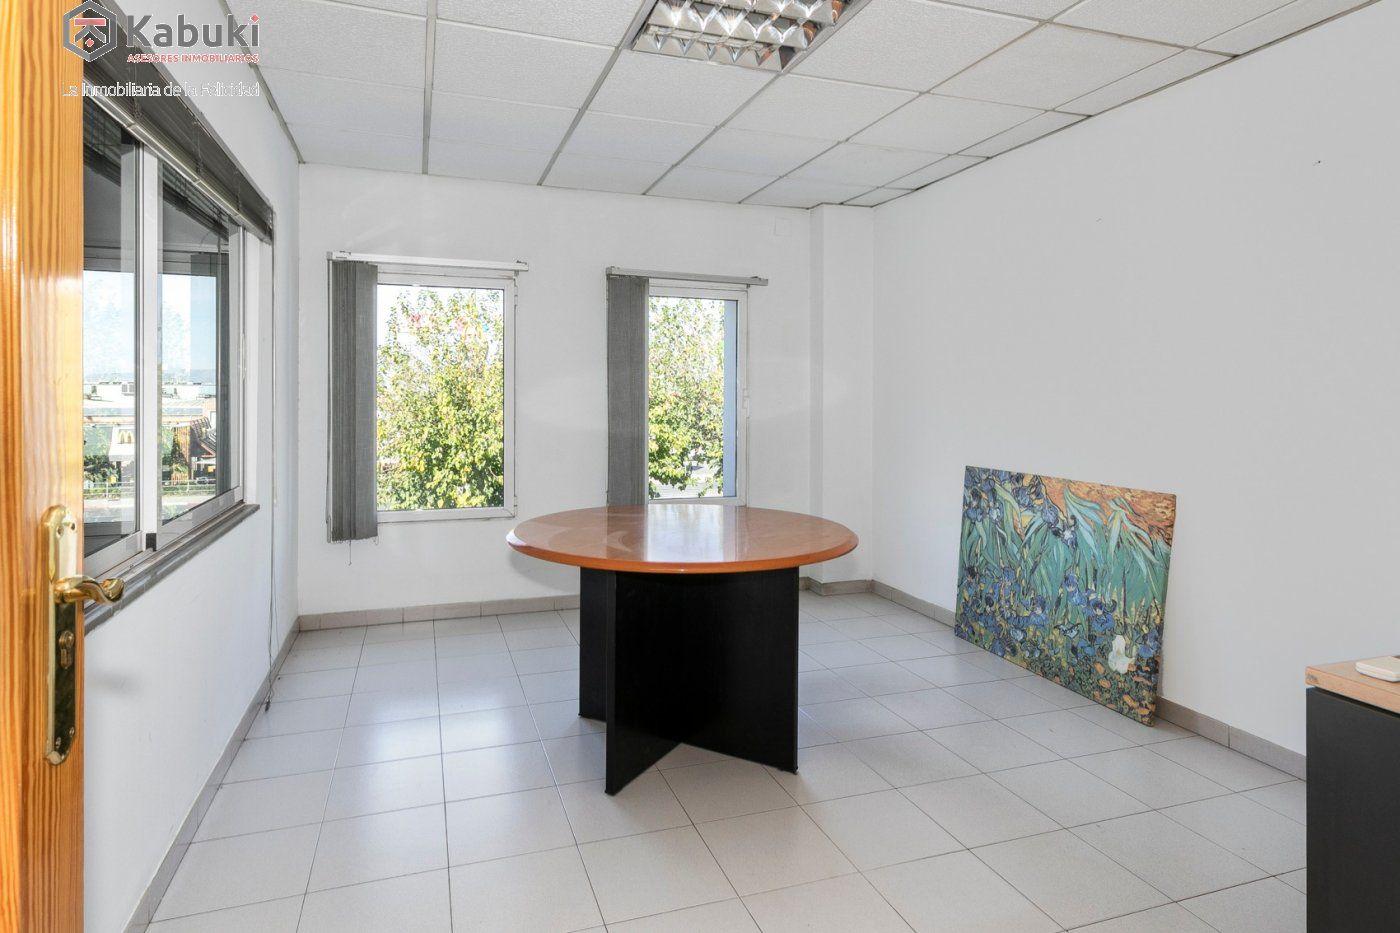 Magnífica oficina luminosa con un inmejorable acceso desde la circunvalación - imagenInmueble8